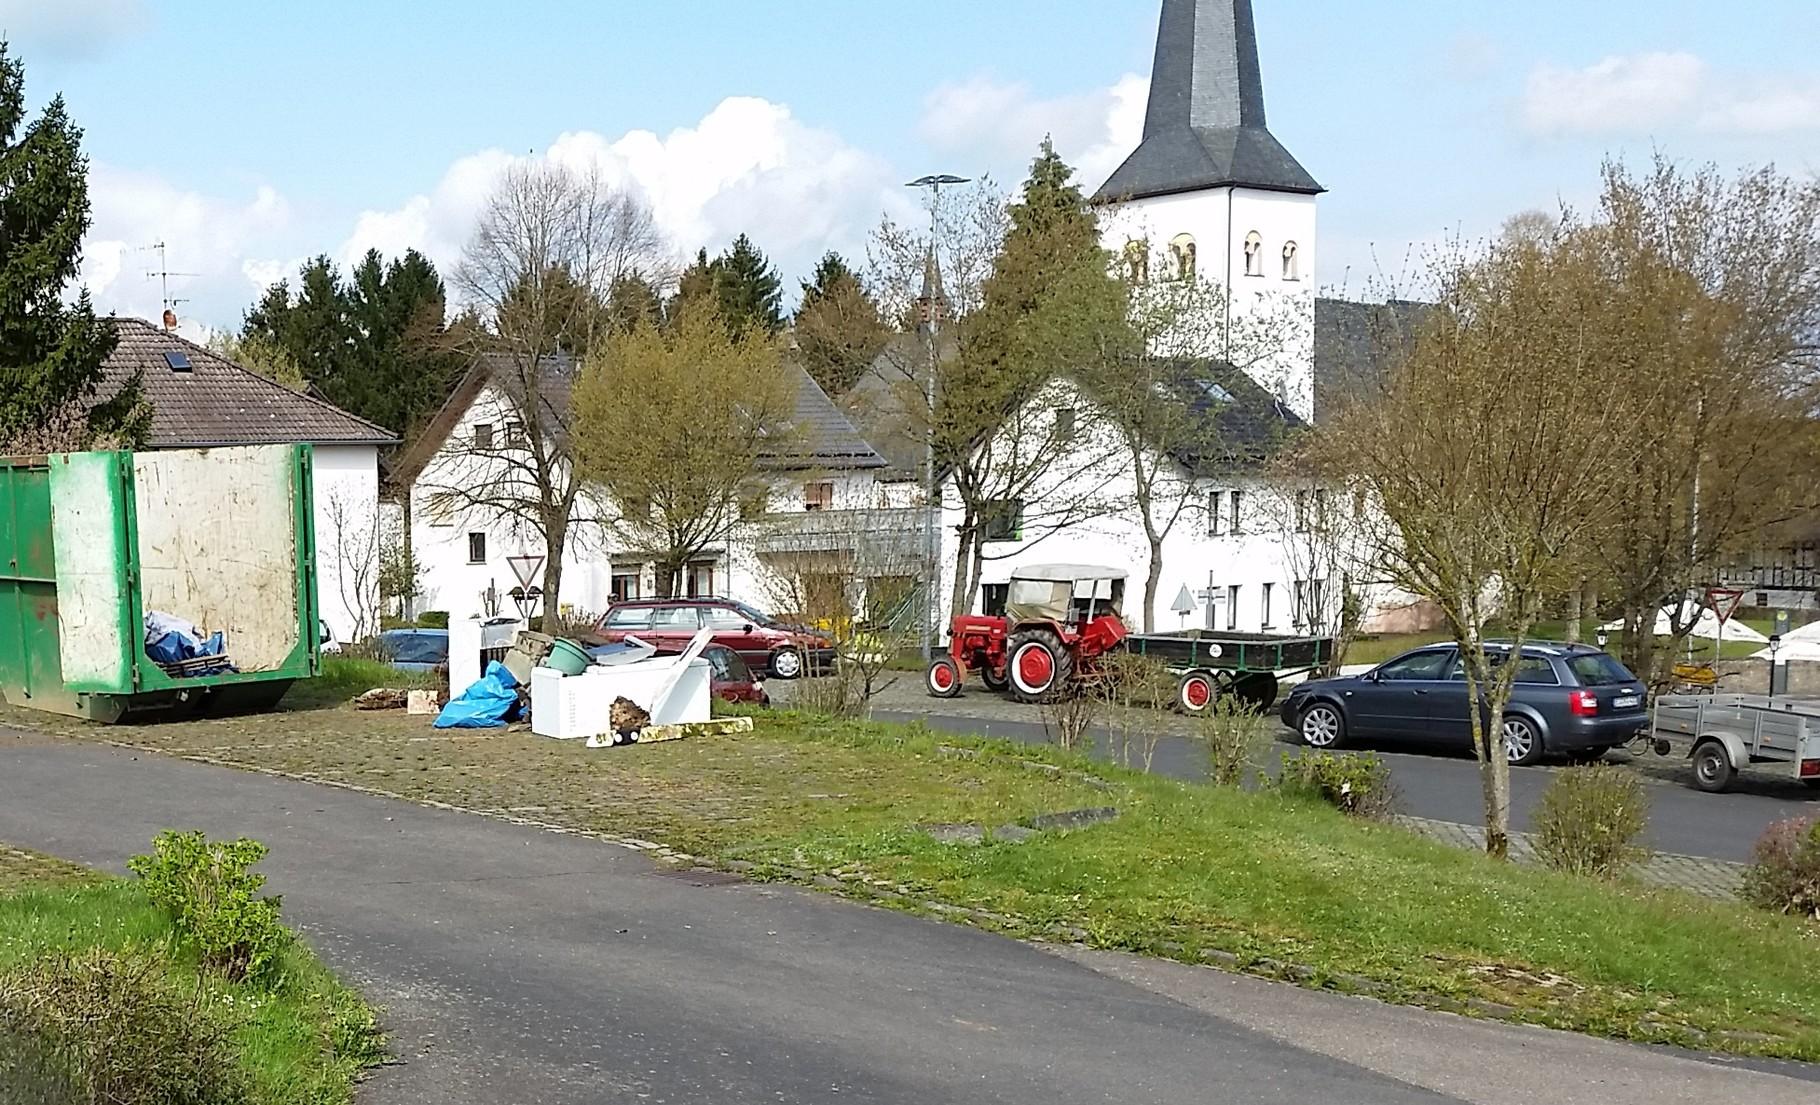 Sogar mit Traktoren wurde Gesammeltes herangefahren